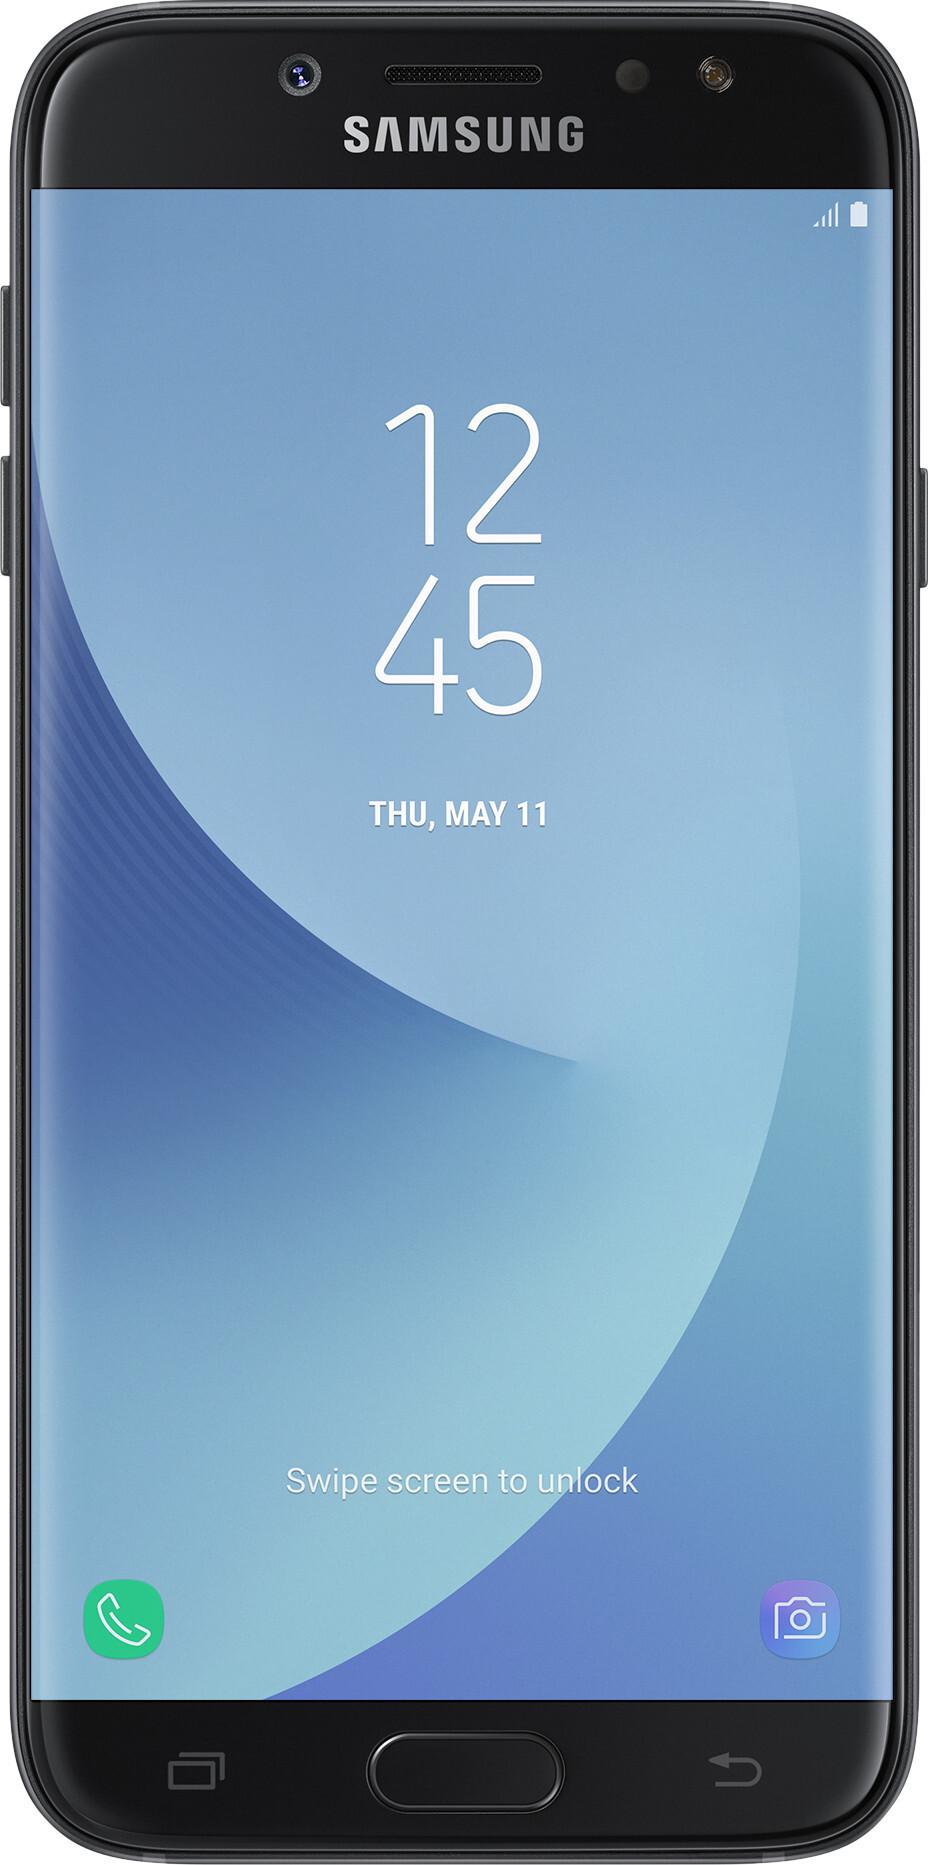 Hulp en ondersteuning voor producten Samsung Service Technical Support Samsung Klacht Samsung Electronics: Samsung komt garantieverplichtingen